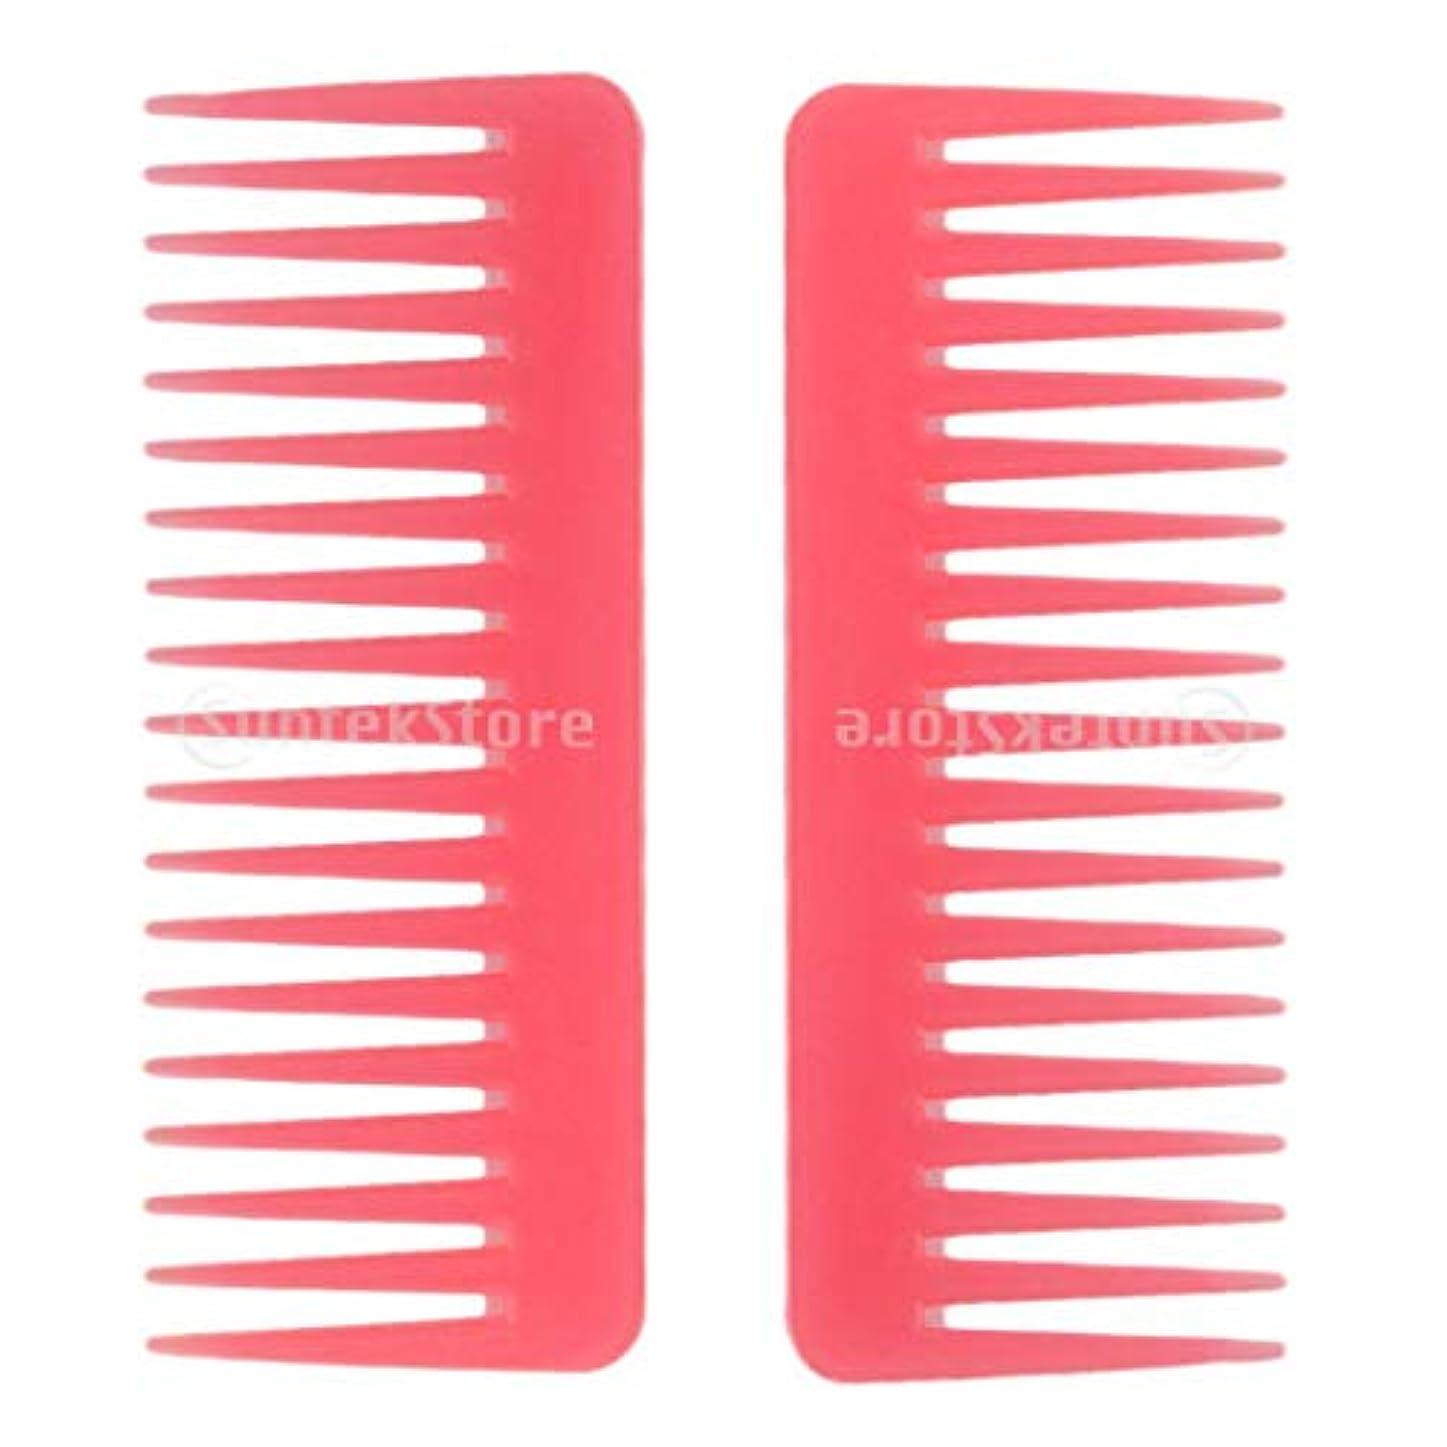 パネル郵便局夜明けにヘアコーム 広い歯コーム 櫛 ヘアケア ヘアスタイリング用品 プラスチック 理髪店用品 2個入り